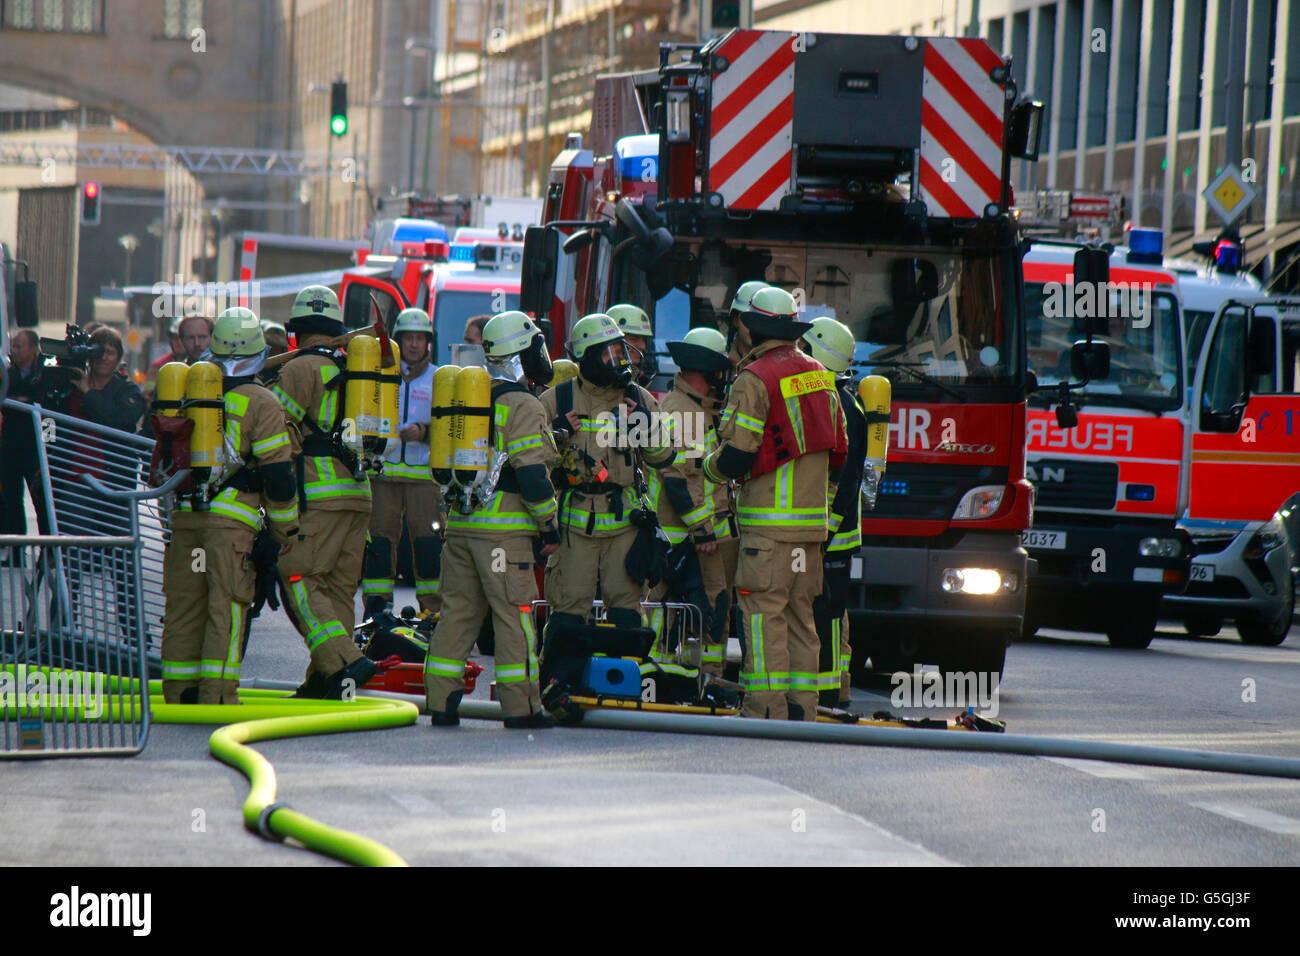 Feuerwehreinsatz, Berlin-Mitte. - Stock Image